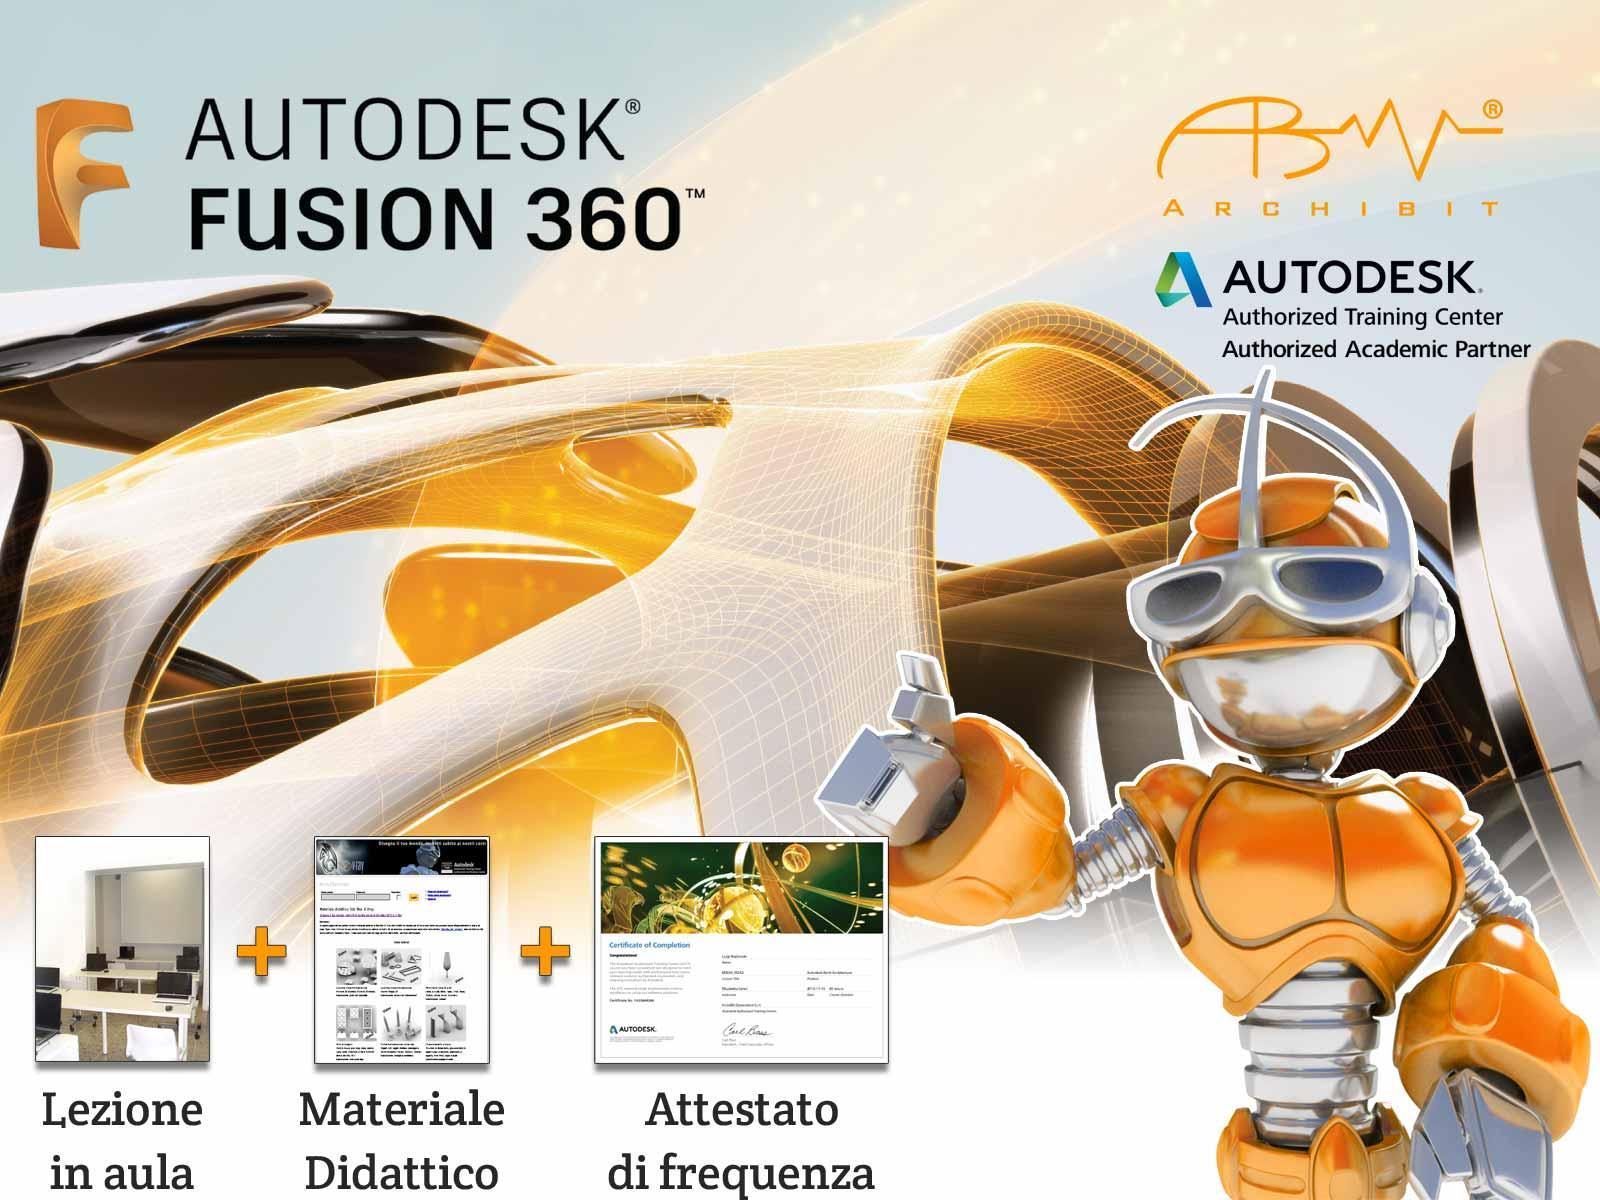 Workshop Autodesk Fusion 360 - ArchiBit Generation s.r.l. - Roma Nord